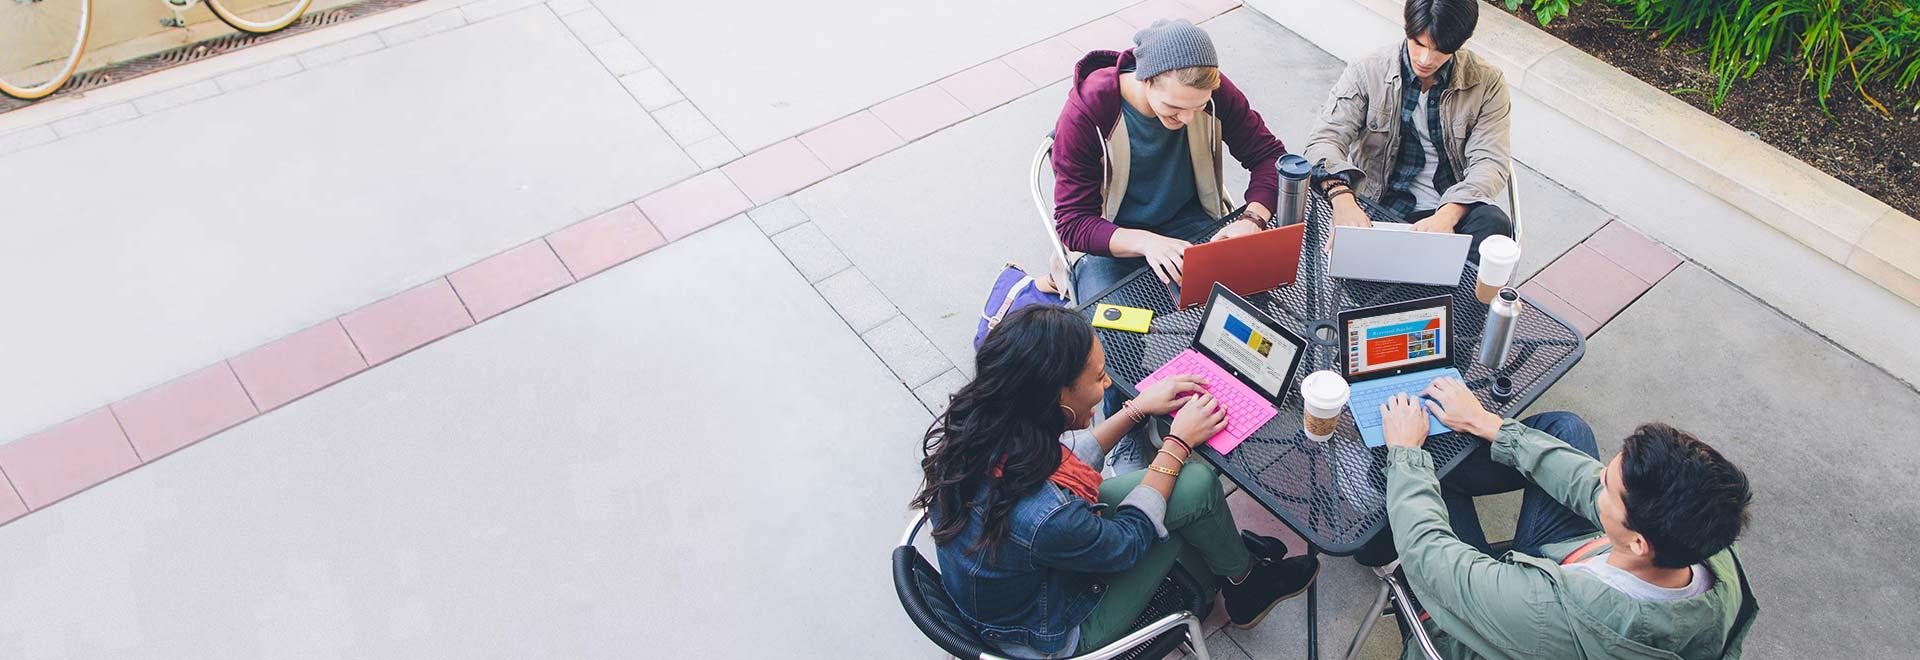 Bốn học viên đang ngồi tại một bàn ở bên ngoài, sử dụng Office 365 for Education trên máy tính bảng.